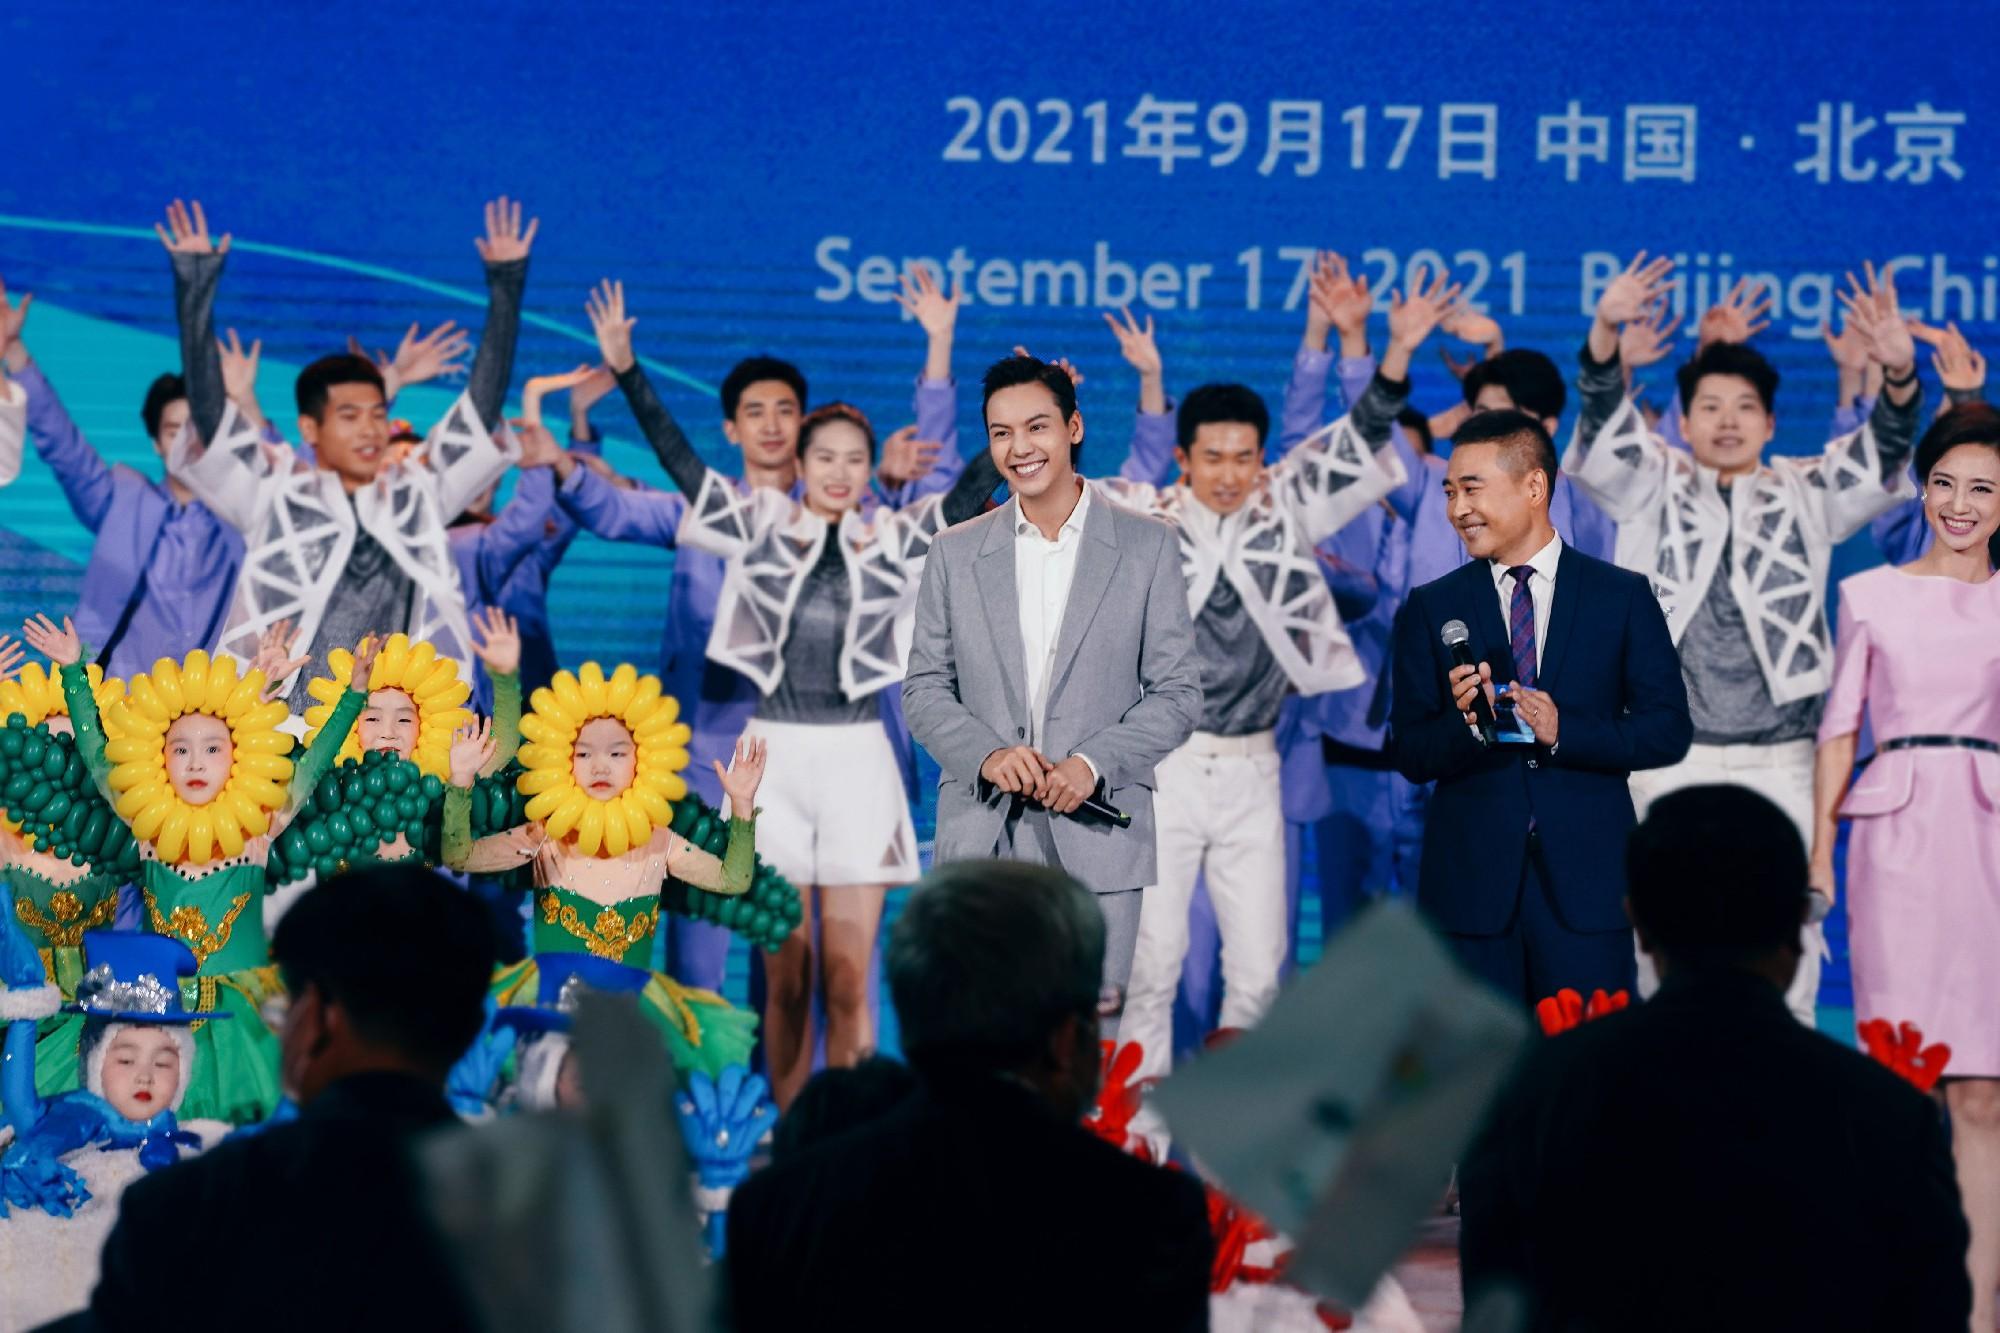 陈伟霆受邀北京2022冬奥会和冬残奥会发布仪式 献唱《一起向未来》